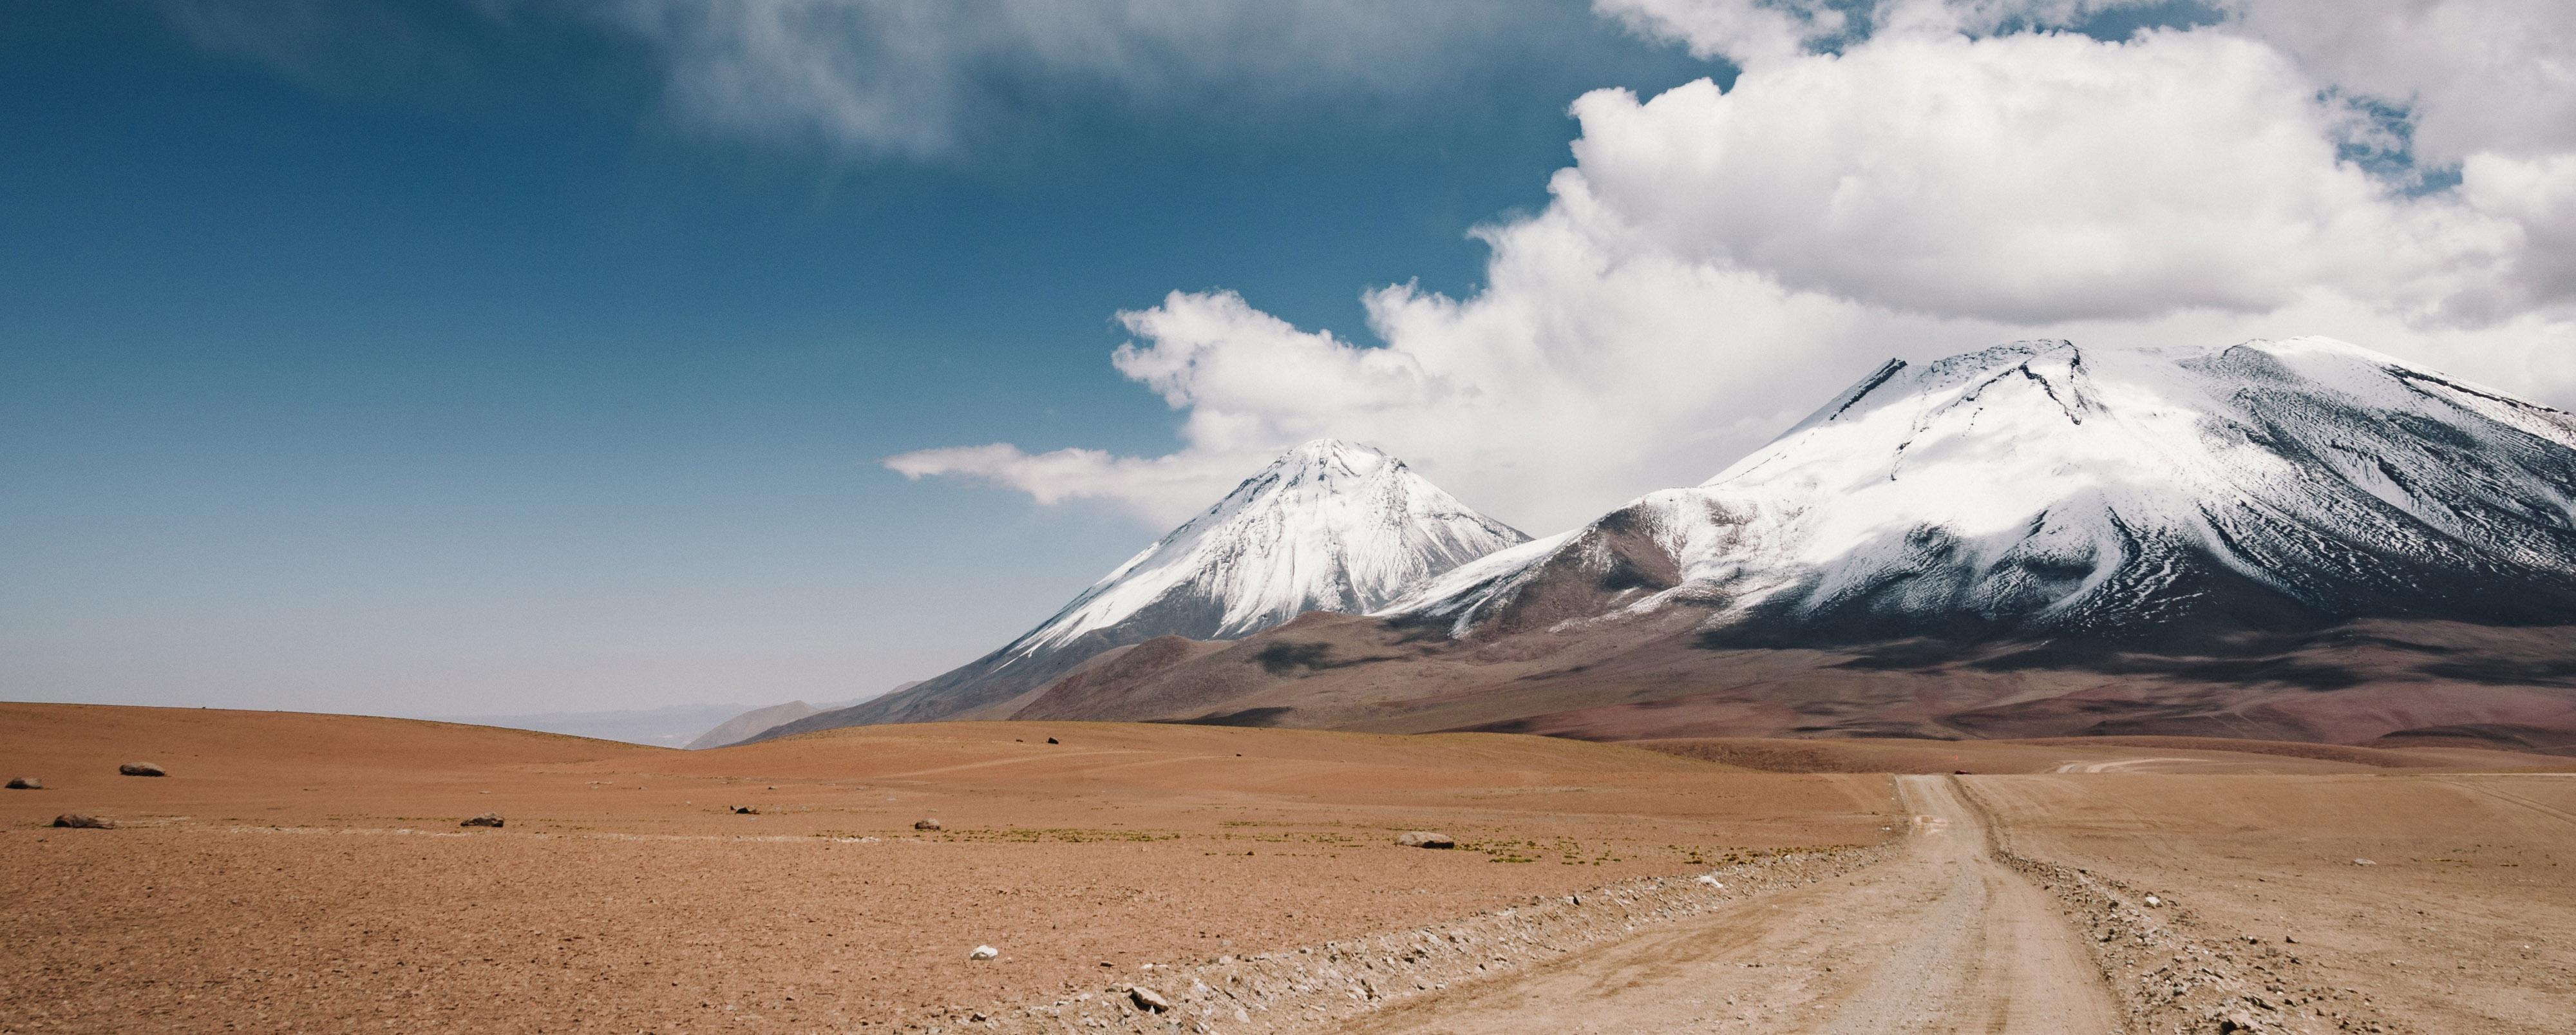 Licancabur, Chile - Marcelo Quinan